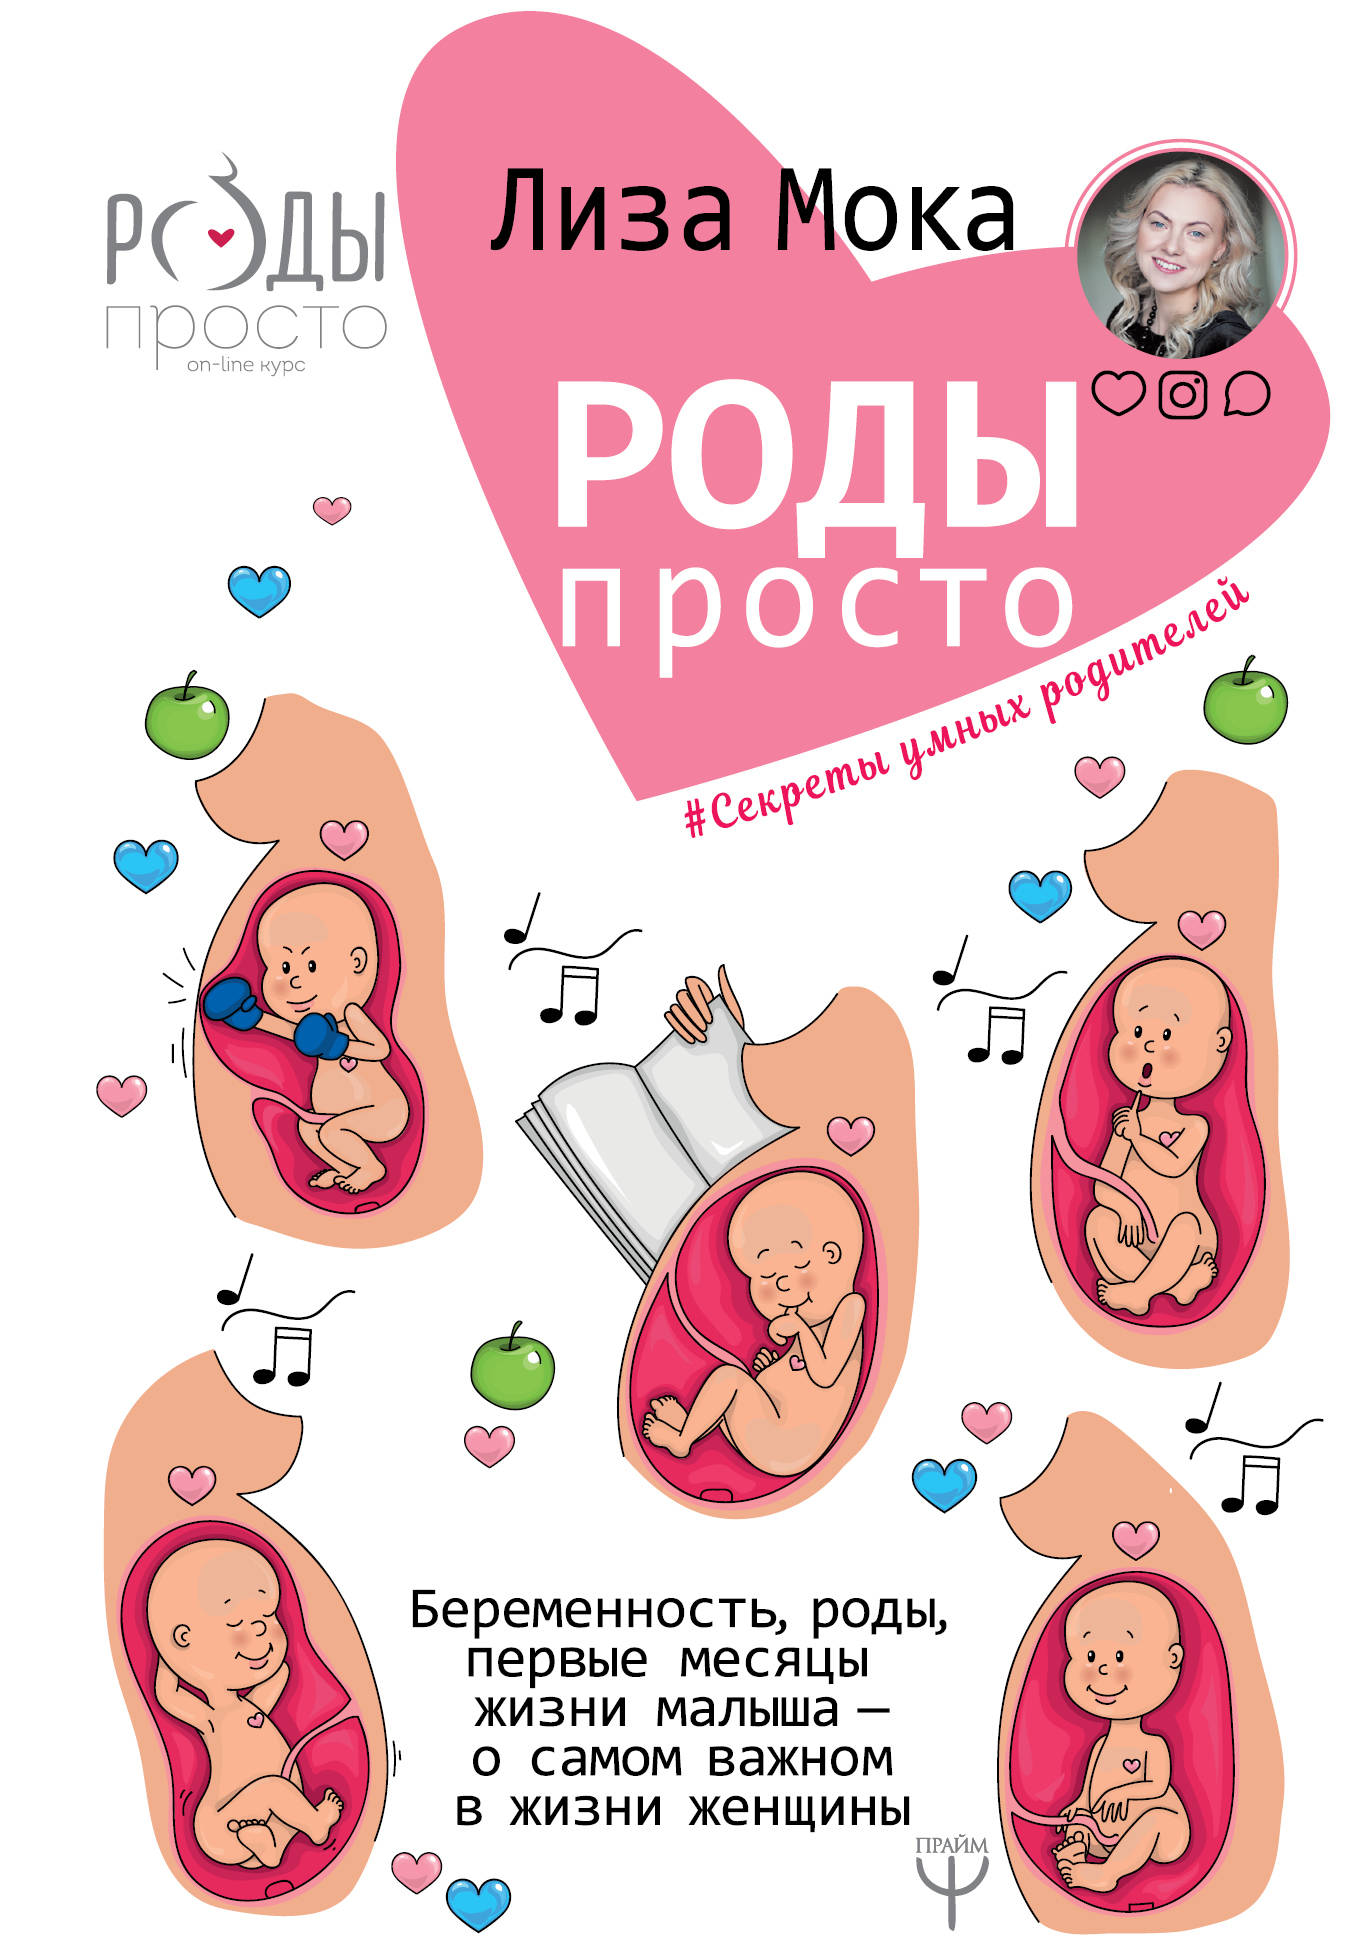 После родов: как молодой маме ухаживать за собой. наш ребенок.